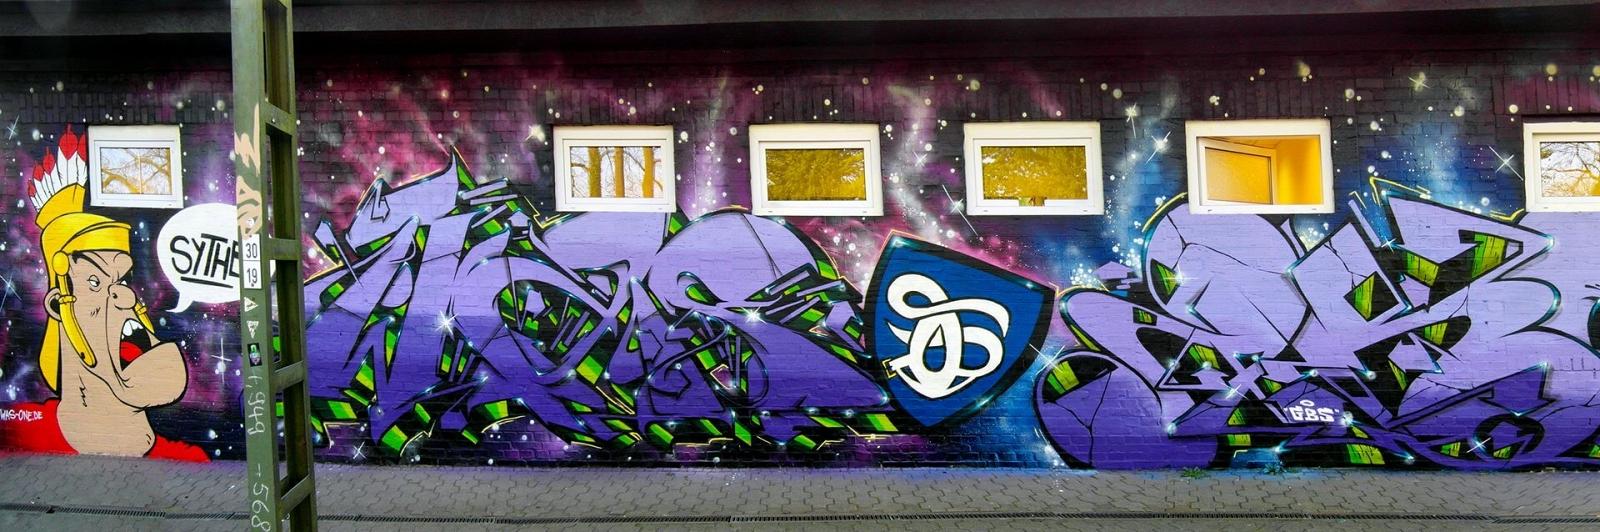 Graffiti in Haltern Systen Bahnhof Gestaltung